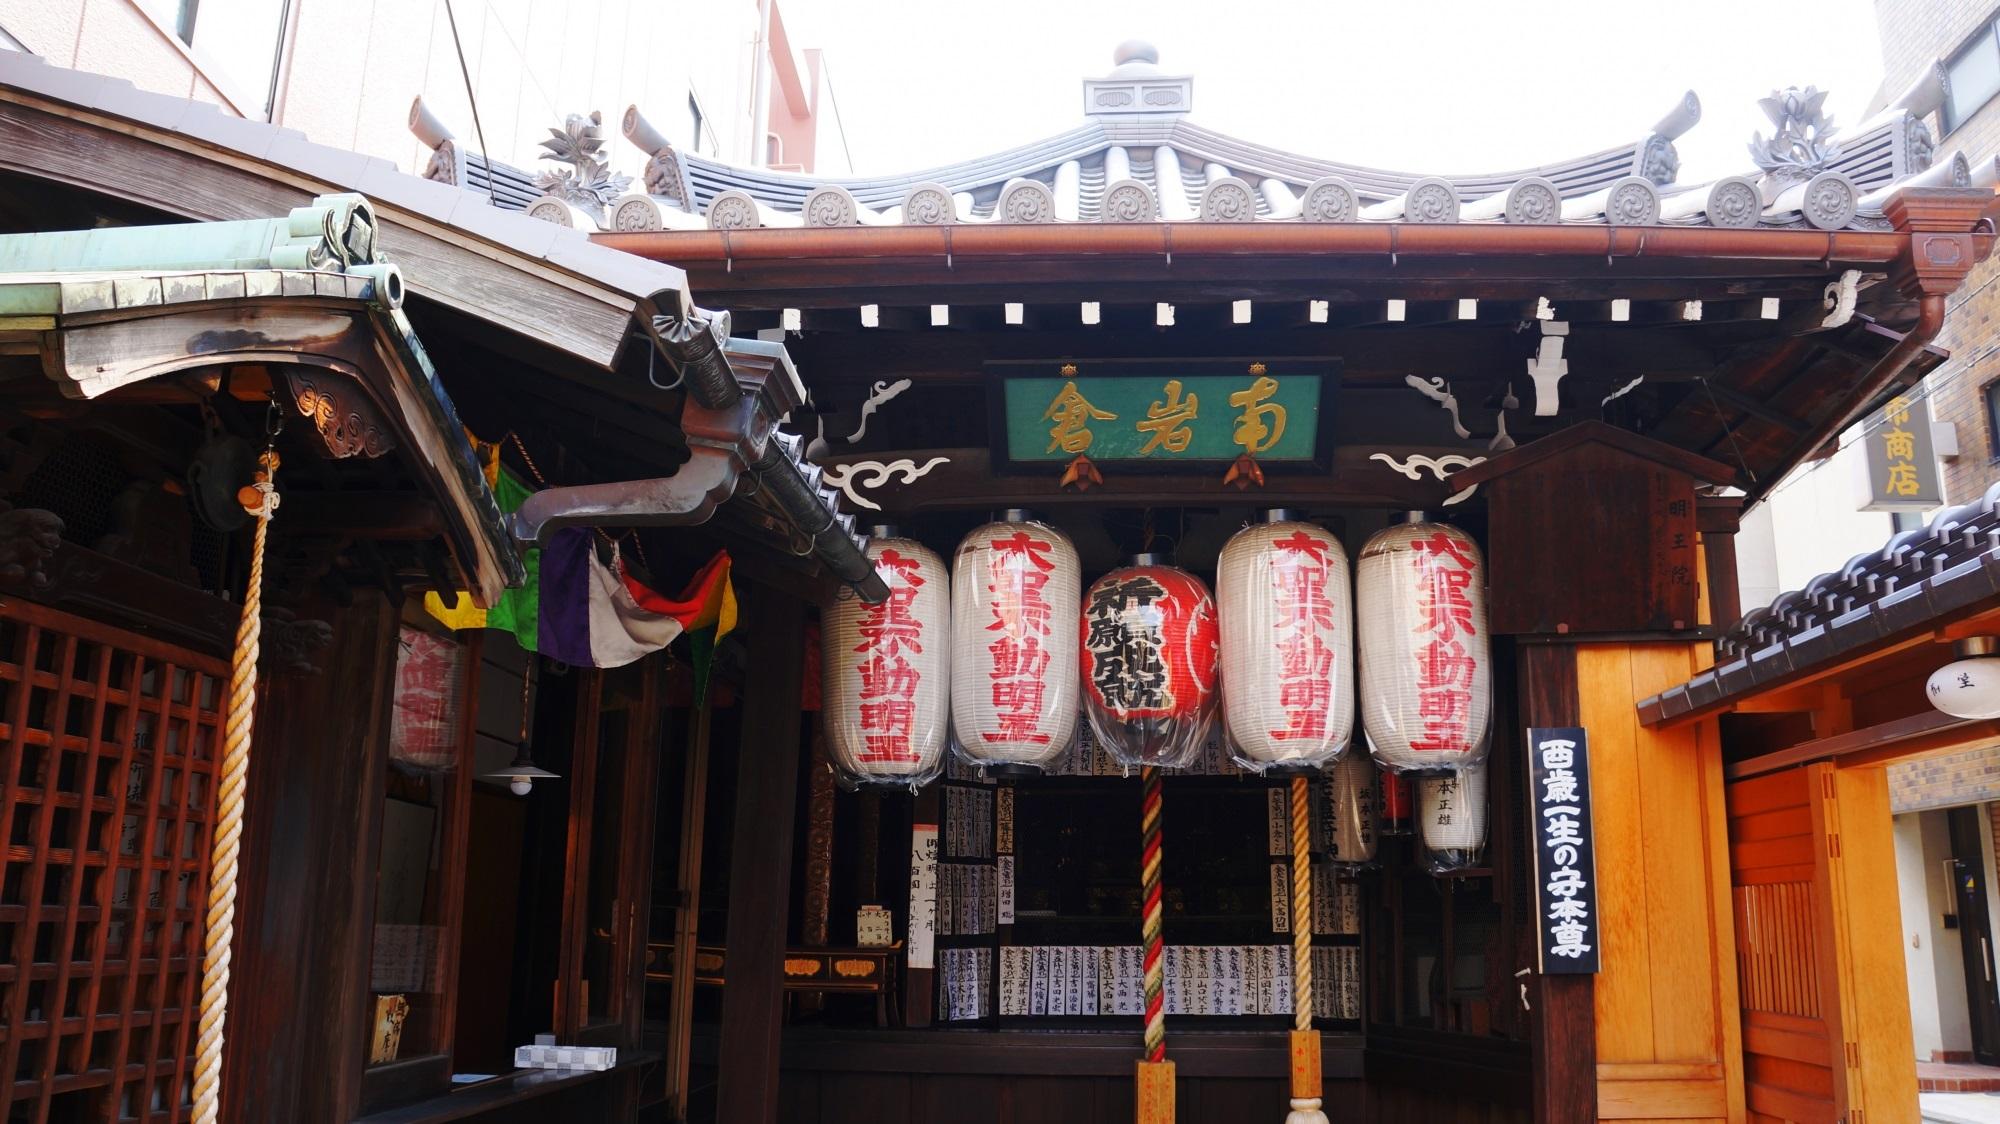 松原不動と呼ばれる明王院不動寺